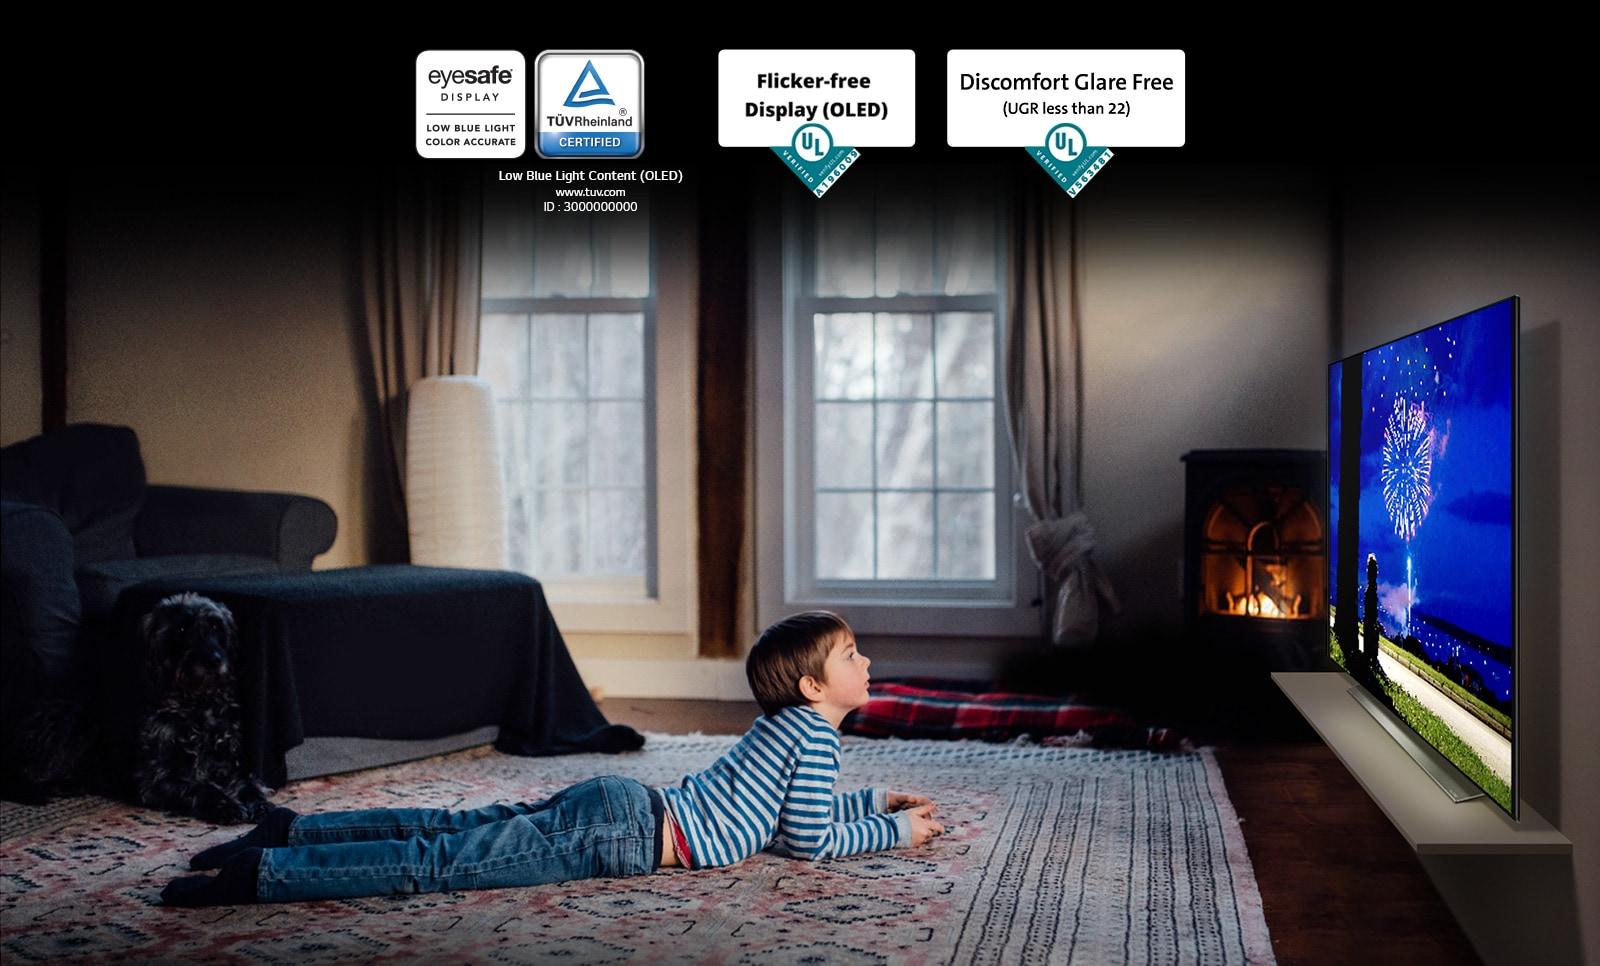 這是解釋「眼部舒適顯示器」的畫面。 一個男孩俯臥著看電視的場景。 四個「眼部舒適顯示器」認證標誌。